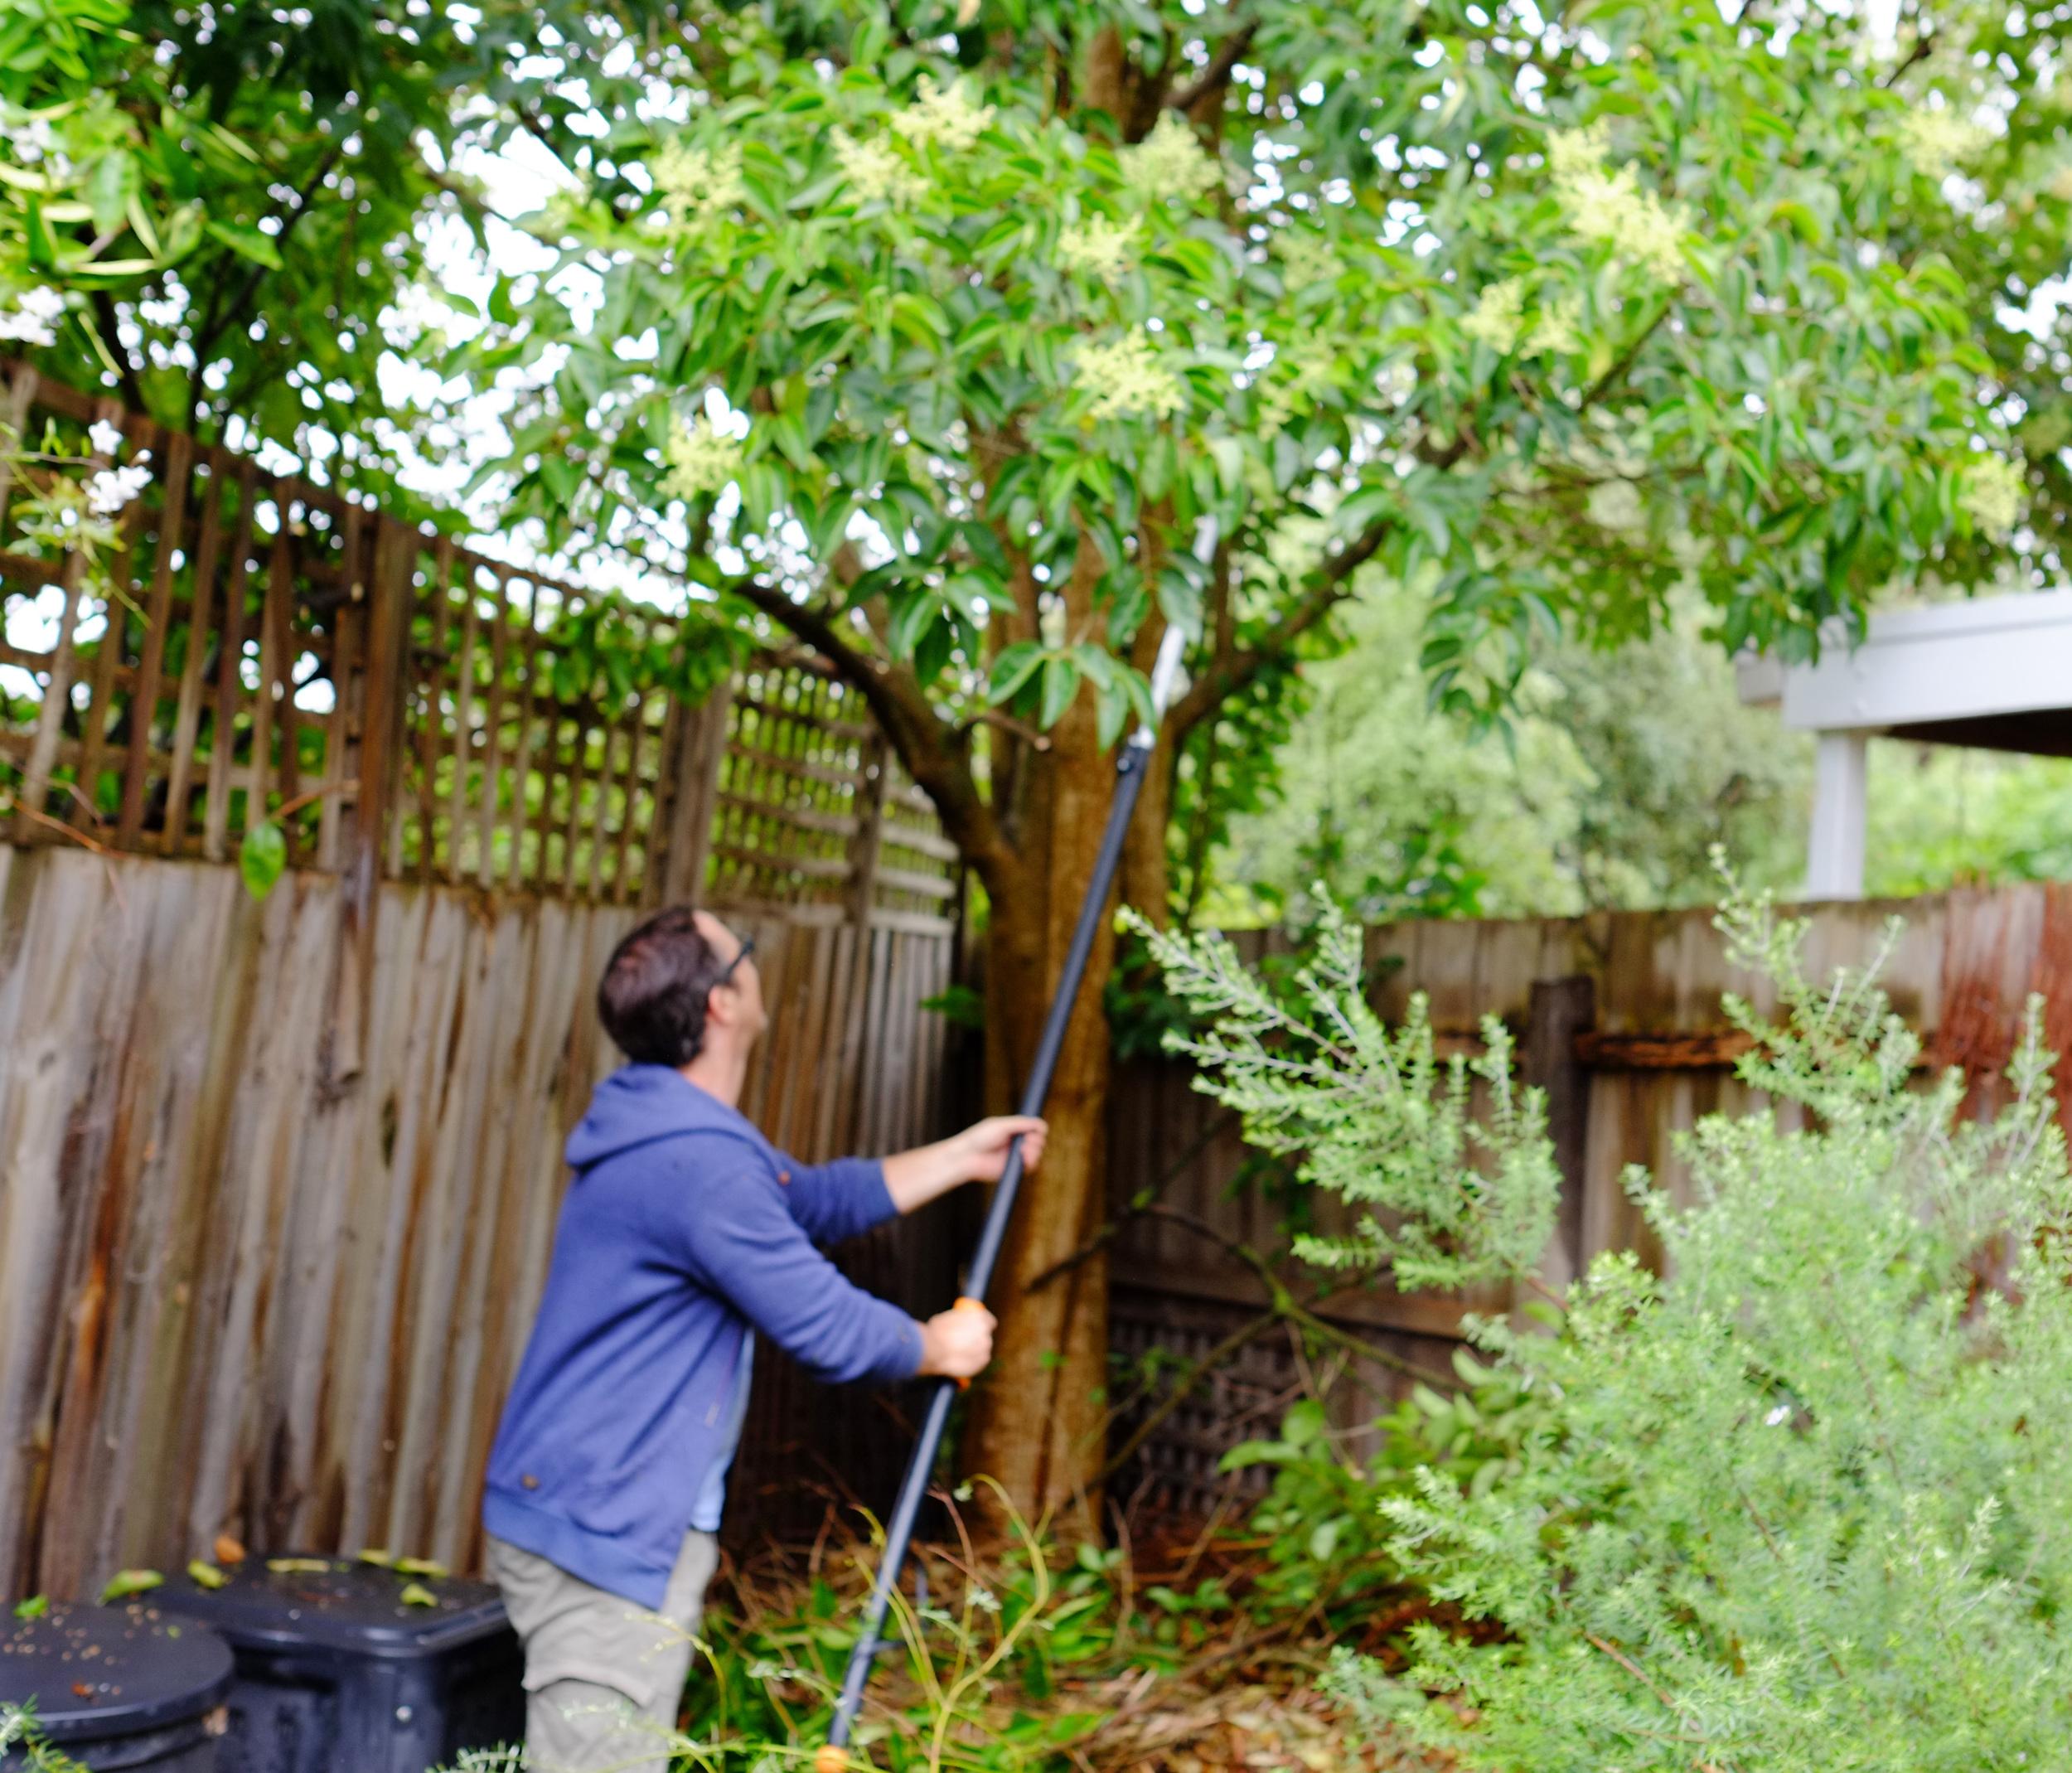 clearing garden waste